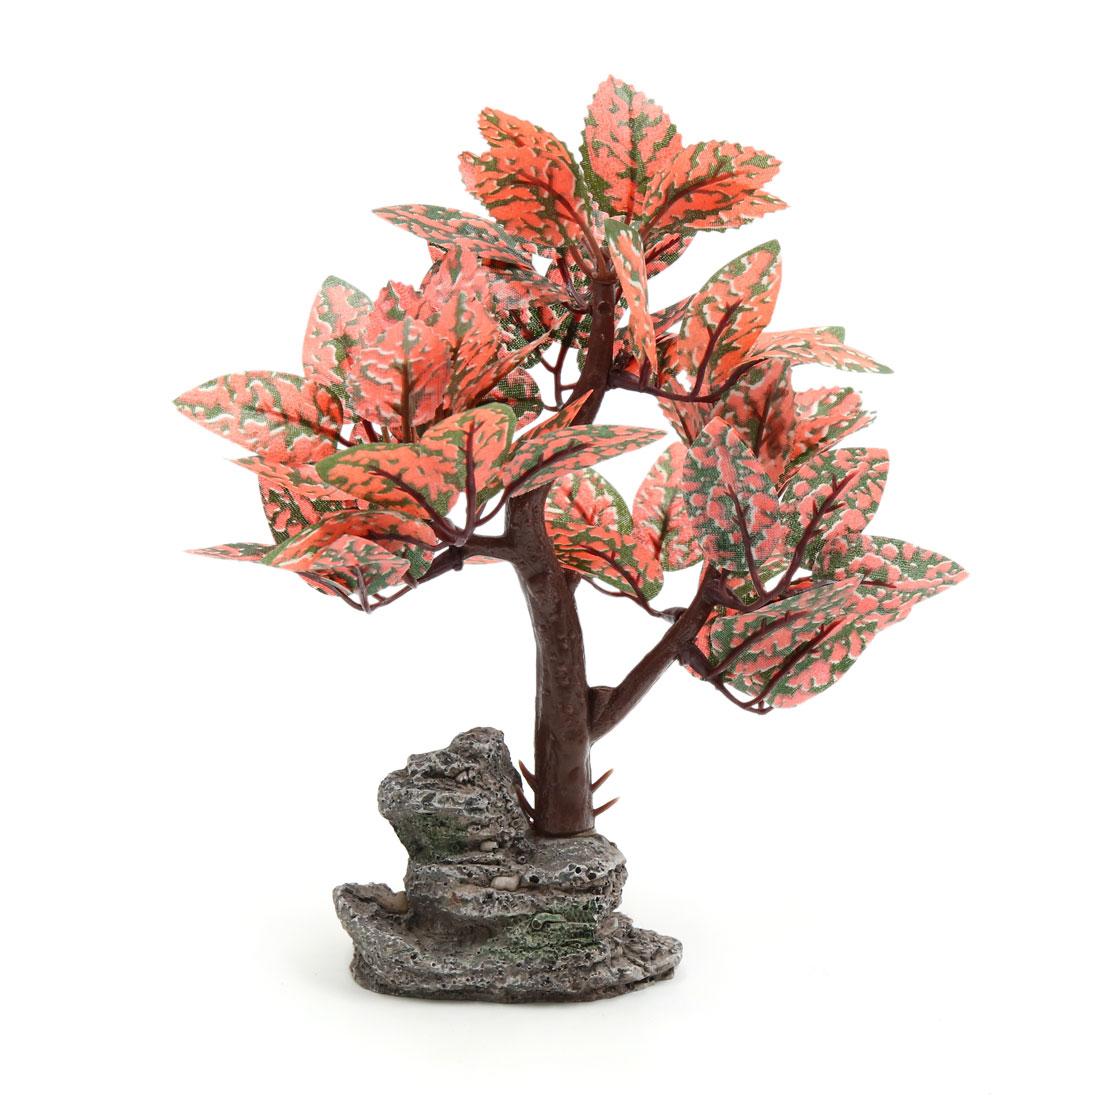 Orange Plastic Trees Plant Ornament for Aquarium Fish Tank Landscape Decoration